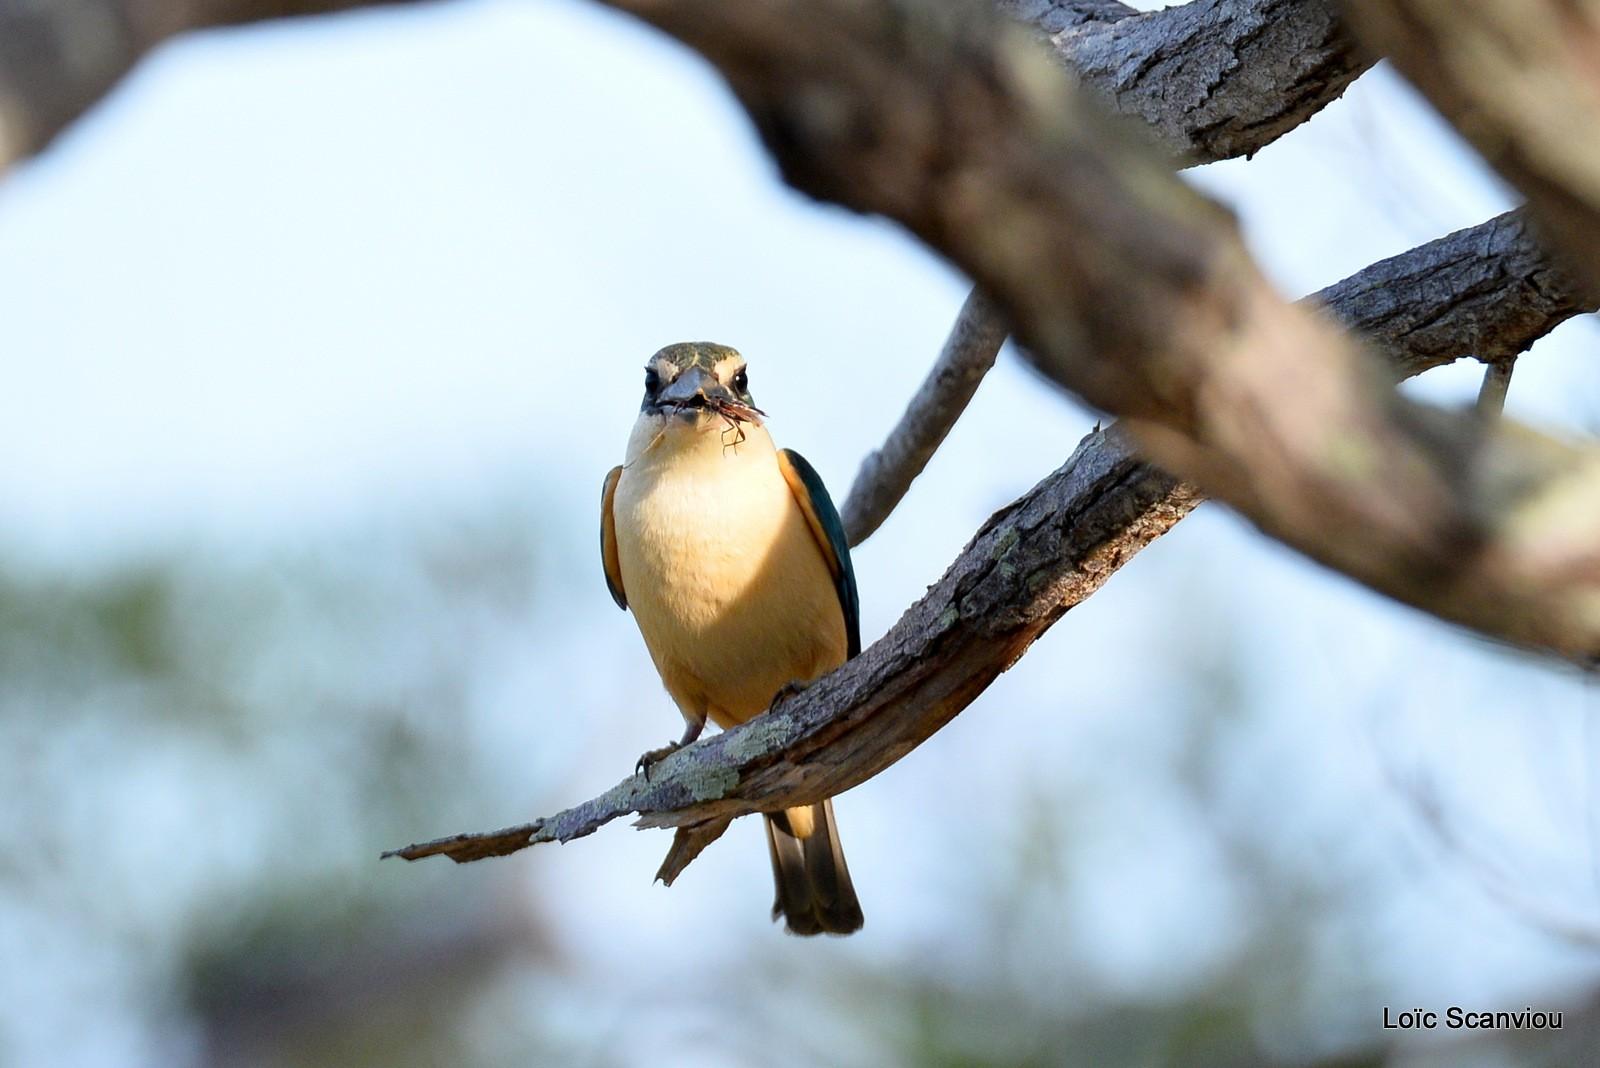 Martin-chasseur sacré/Sacred Kingfisher (8)